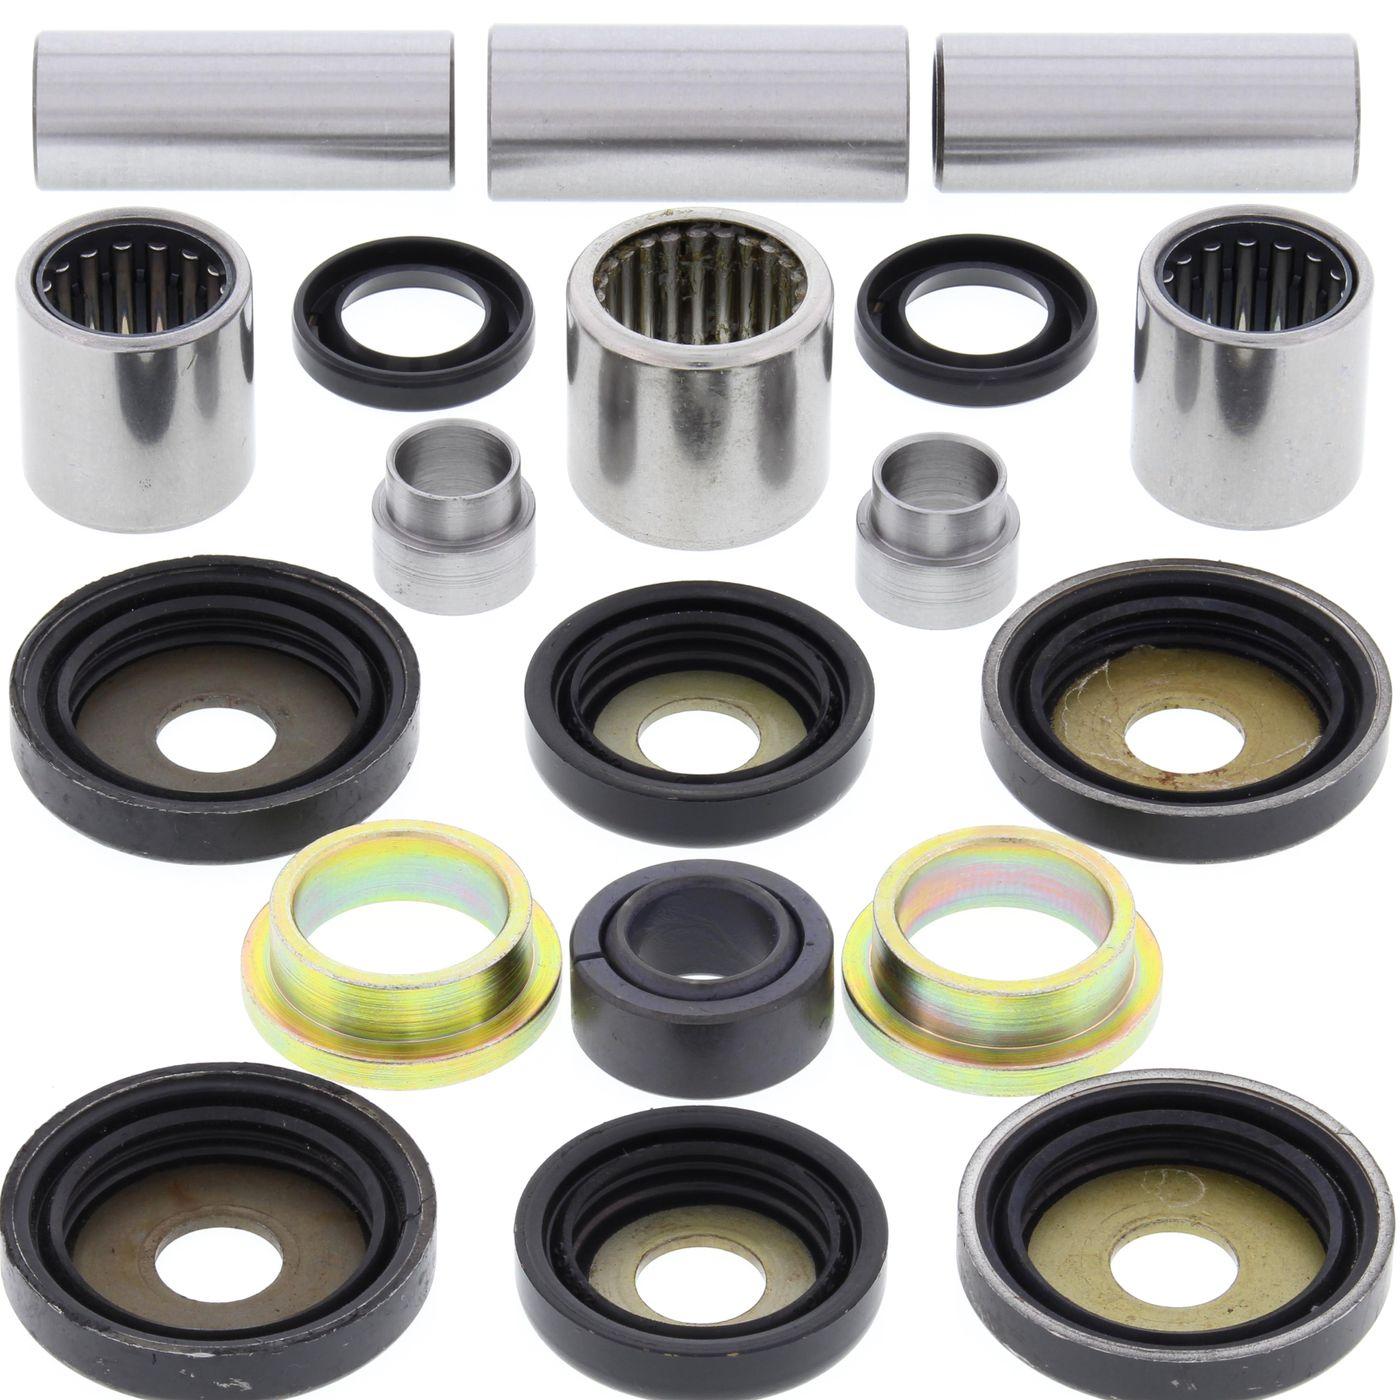 Wrp Shock Linkage Bearing Kits - WRP271009 image